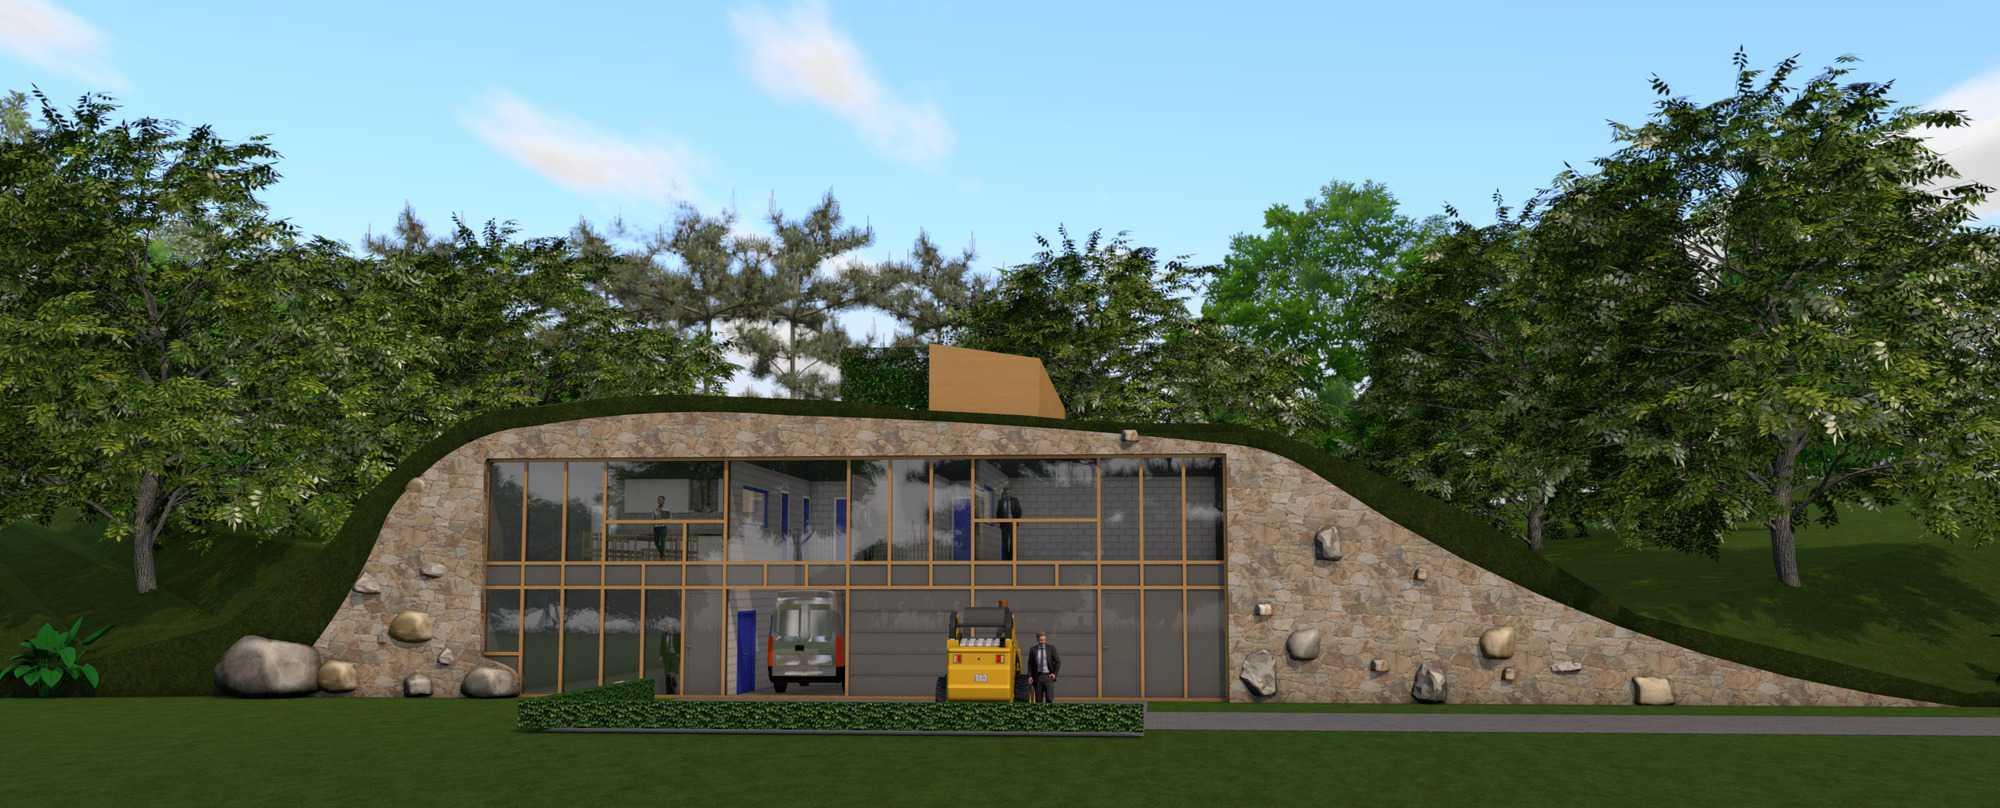 Detail afbeelding 1 van LIETEBERG – Technische dienst – Wedstrijdontwerp + uitvoeringsontwerp | Ontwerp door architect Patrick Strackx